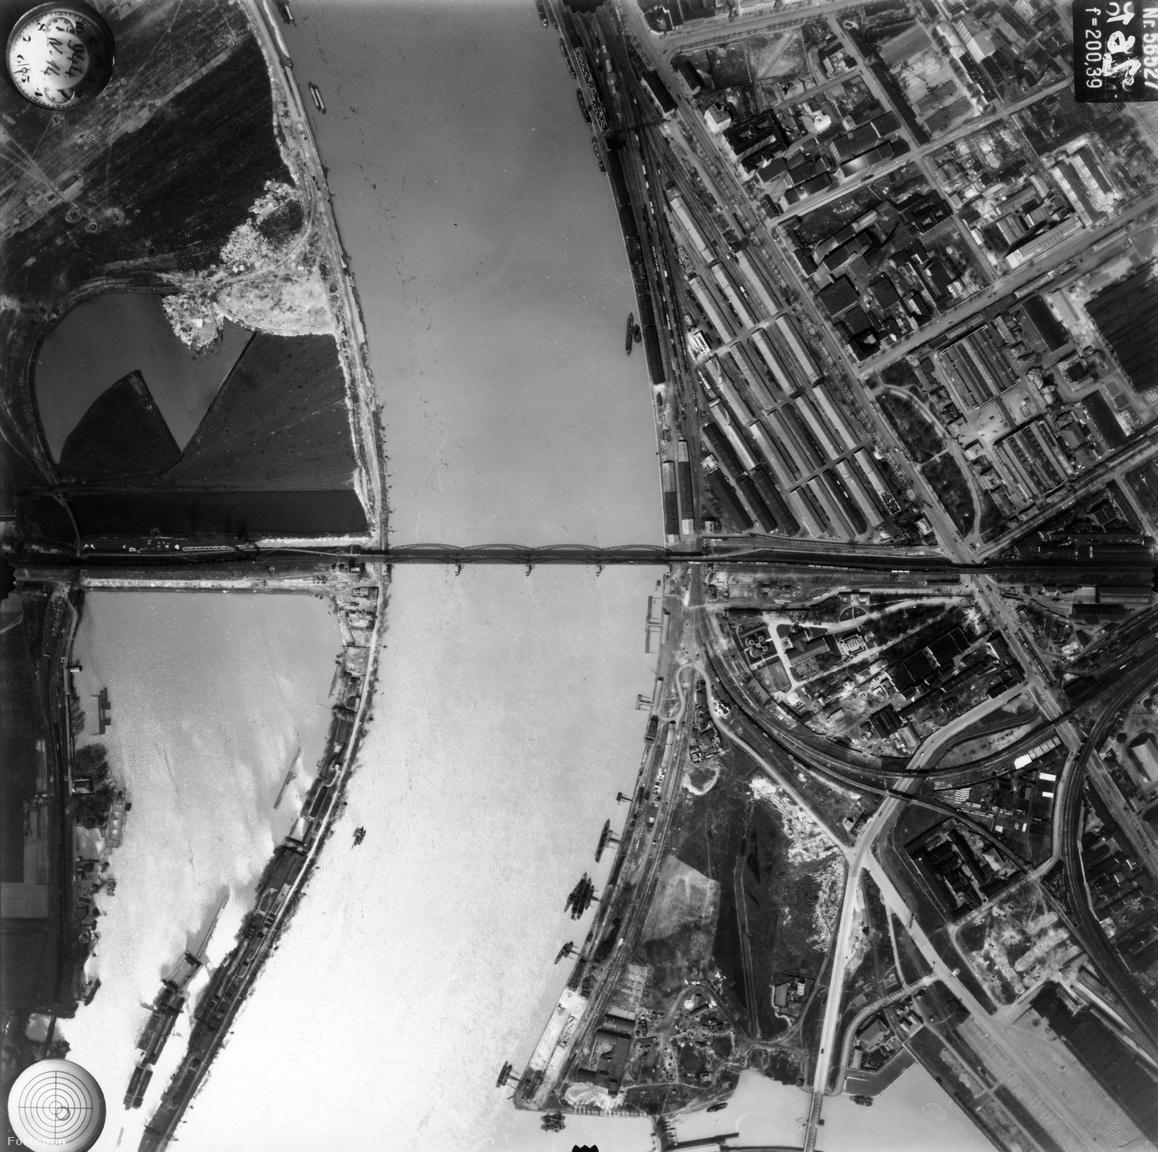 Még nagyobbat változott a Duna-part Délen. A Déli összekötő vasúti híd akkor még a pesti oldal                         ipartelepeit kapcsolta össze a budai oldalon fekvő nagy semmivel. Budán annyira nem volt semmi,                         hogy szinte csak a vasúti töltés emelkedik a parti mocsár fölé. A Lágymányosi-öböl még egészen a                         vasútig tart: a most épülő BudaPart helyén víz van, de az Infopark és az egyetemi negyed helyén is                         egy tó tükre csillog. Túloldalt, ahol most a Müpa és a Nemzeti Színház áll, raktárak sorakoznak                         katonás rendben. Igazi logisztikai központ volt ez vízi és vasúti kapcsolattal, és rengeteg ipari                         létesítménnyel. Az utóbbiakból mára csak a gyönyörű Közvágóhíd és a klassz irodaházzá alakított                         Borjúvásárcsarnok maradt meg.